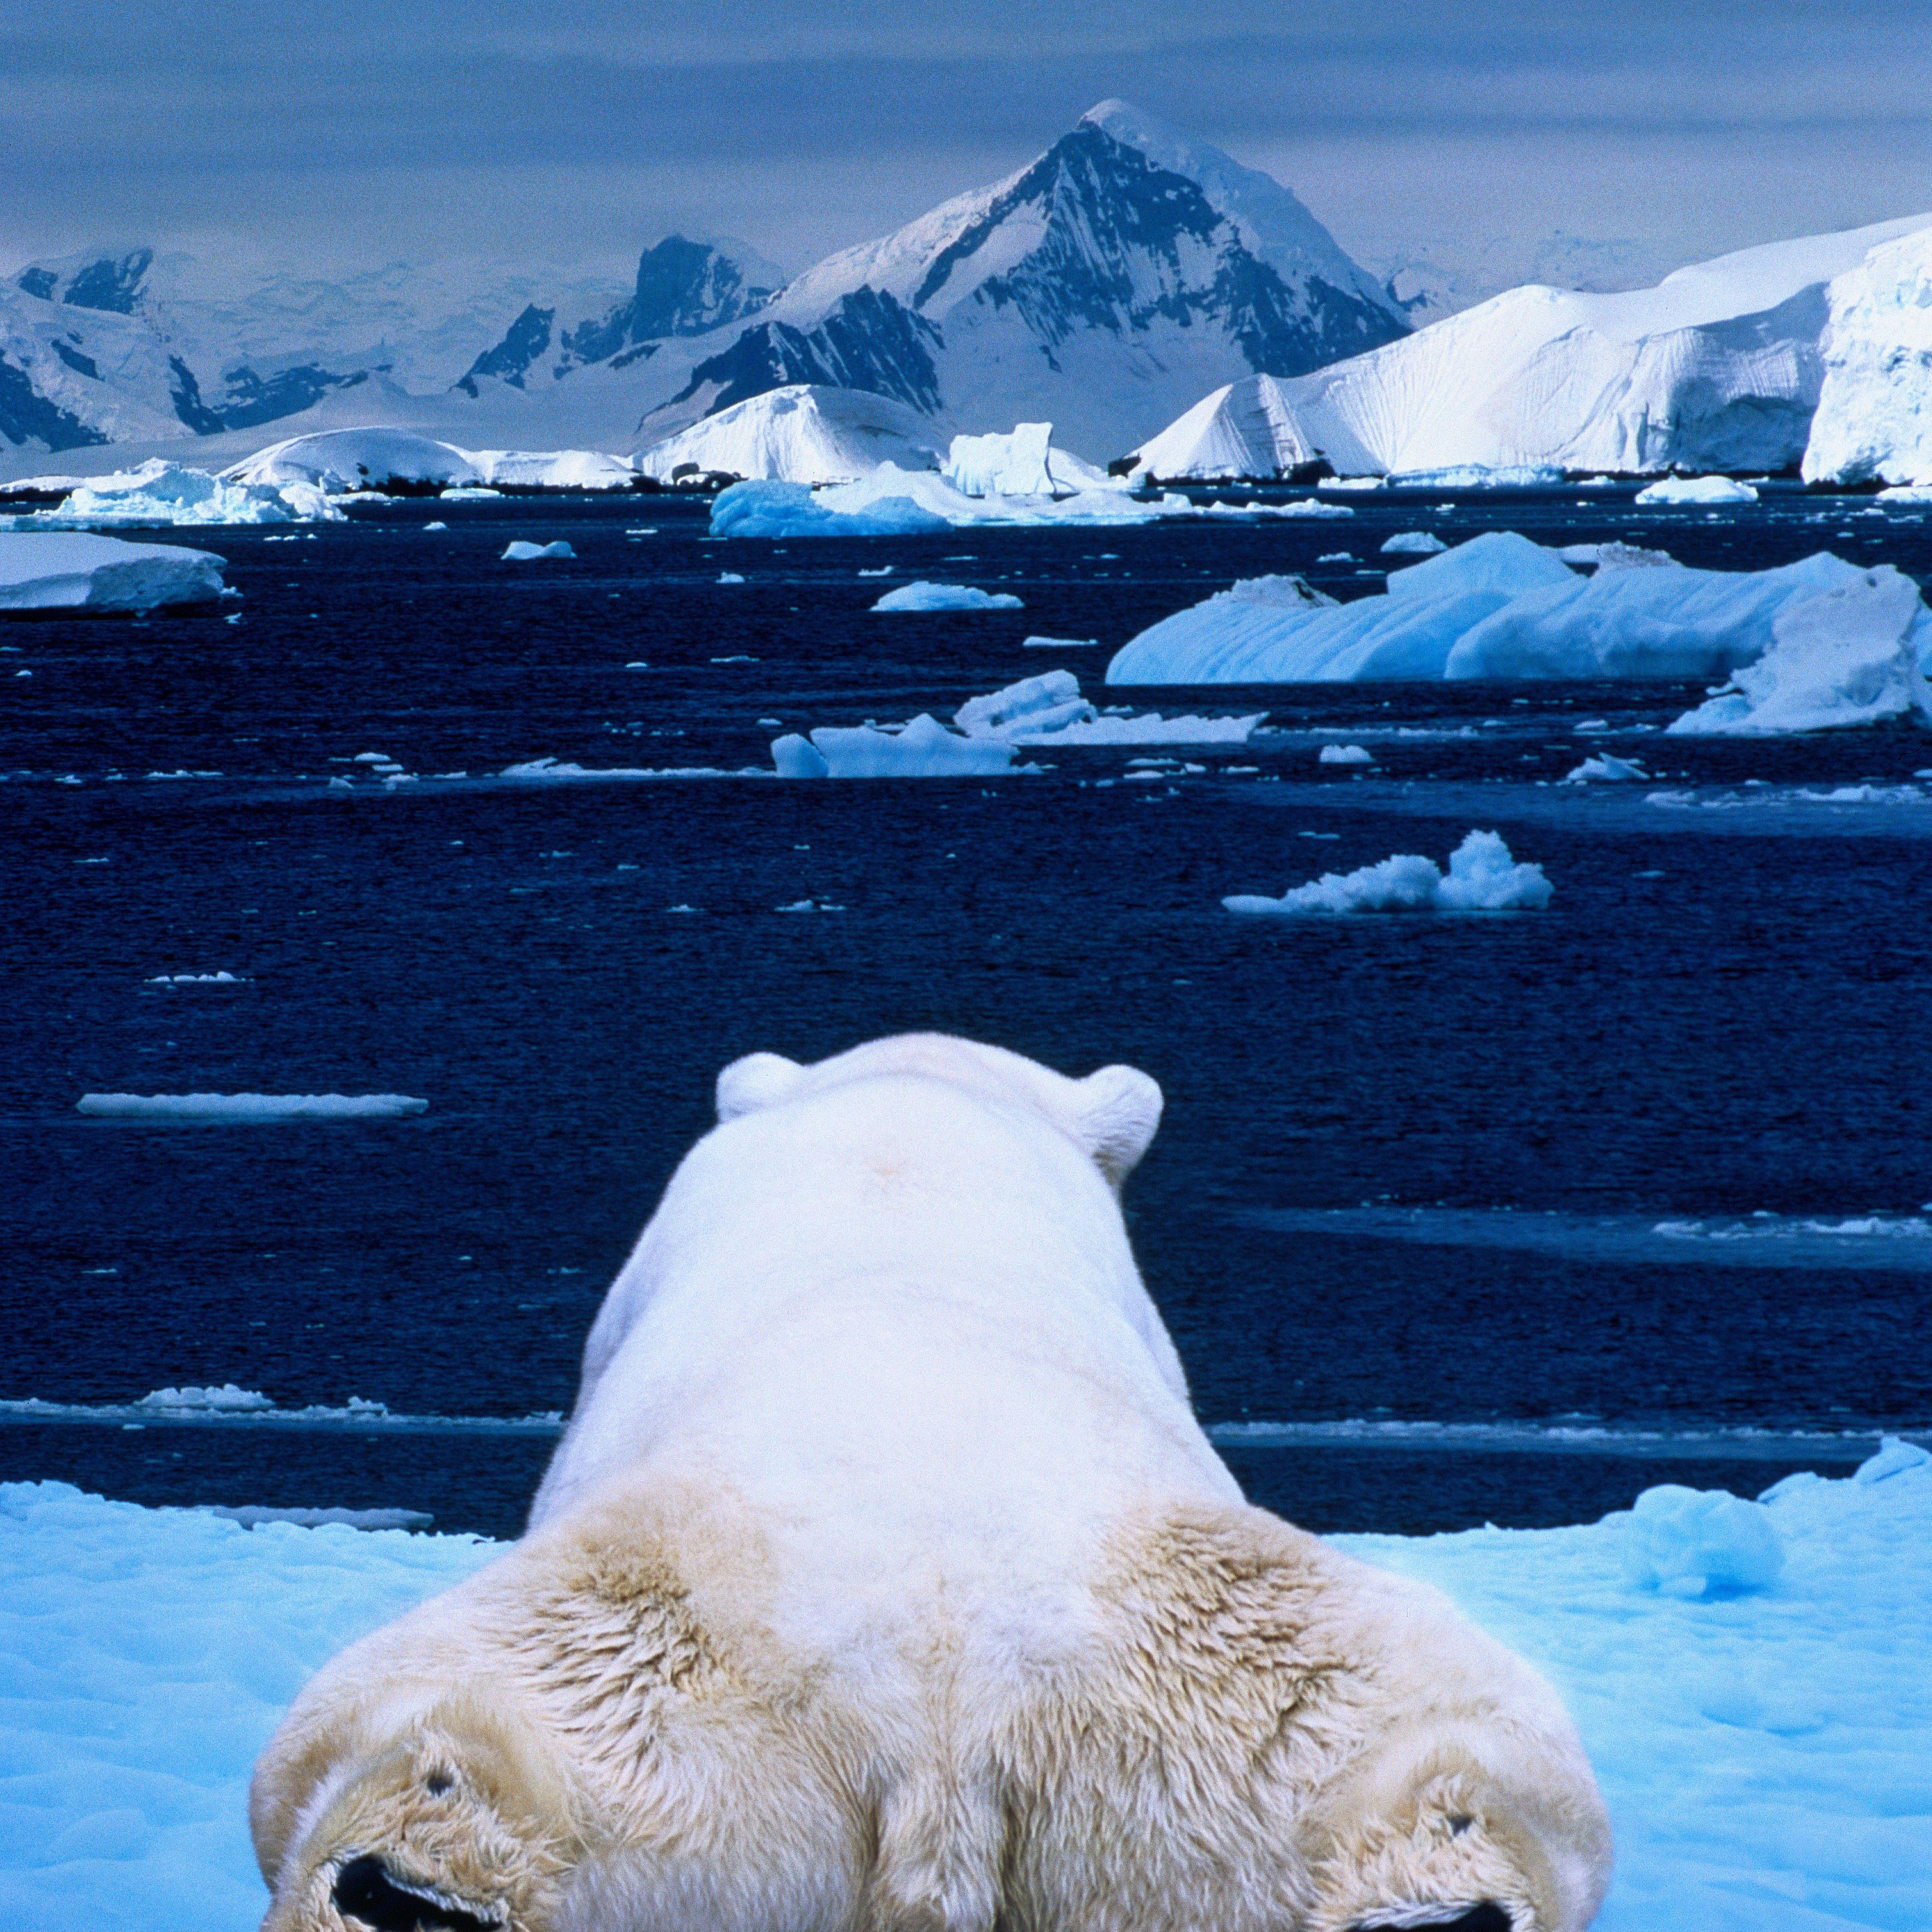 A polar bear lounging on edge of ice.